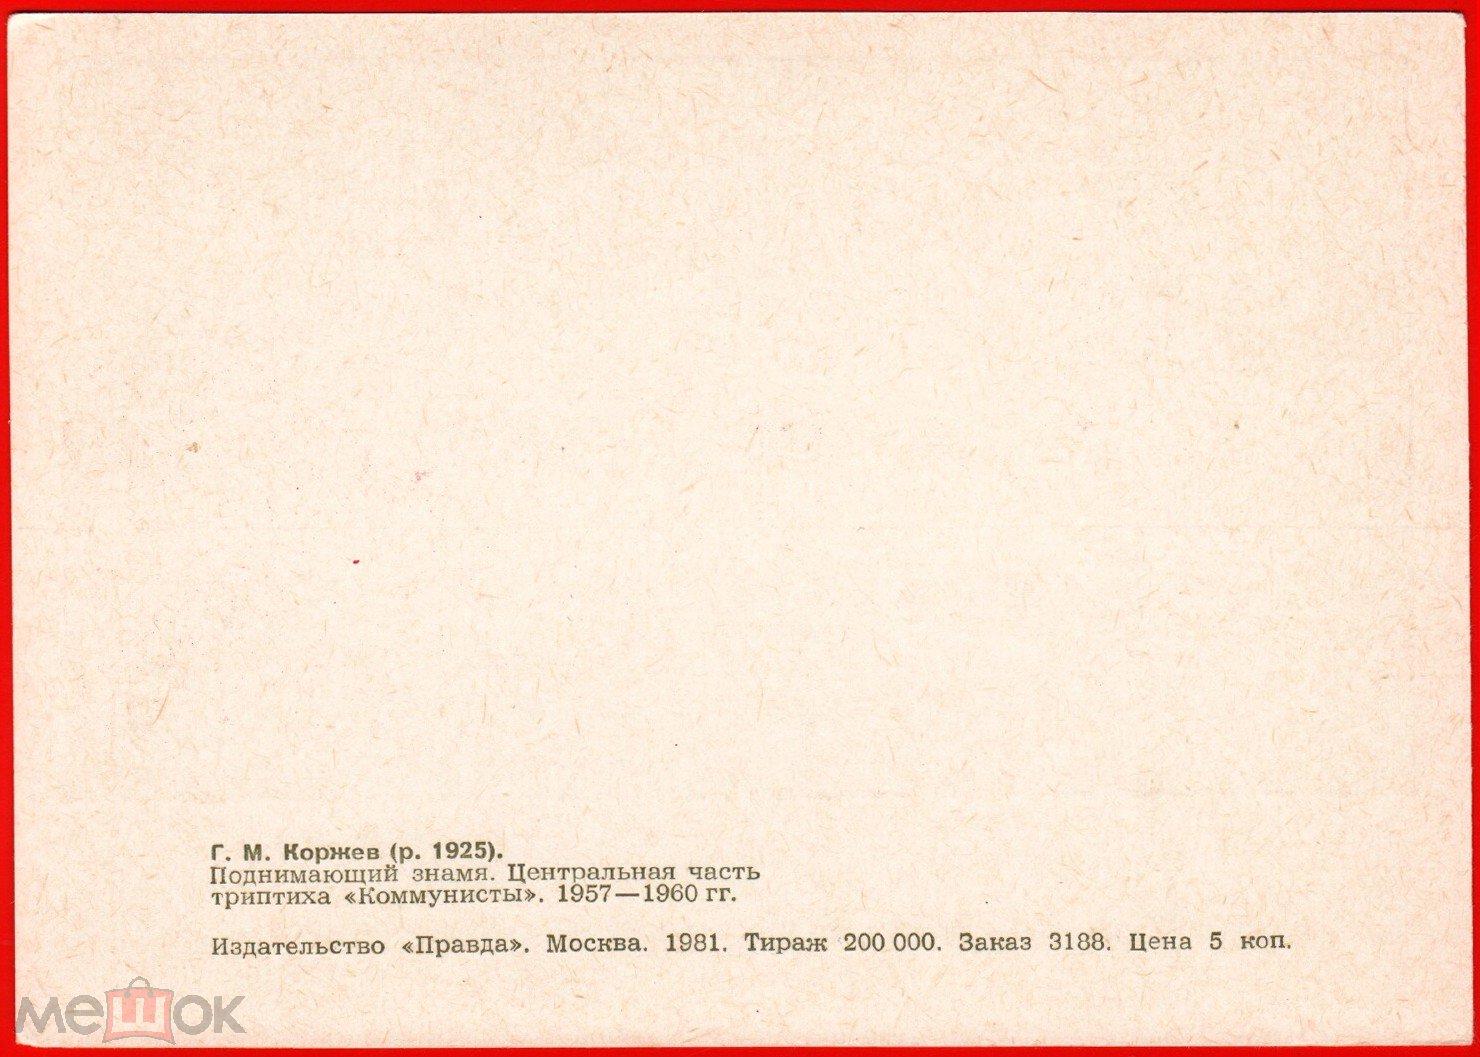 27251 Коржах поднимающий знамя коммунисты мужчина герой гражданская война смерть убитый революция